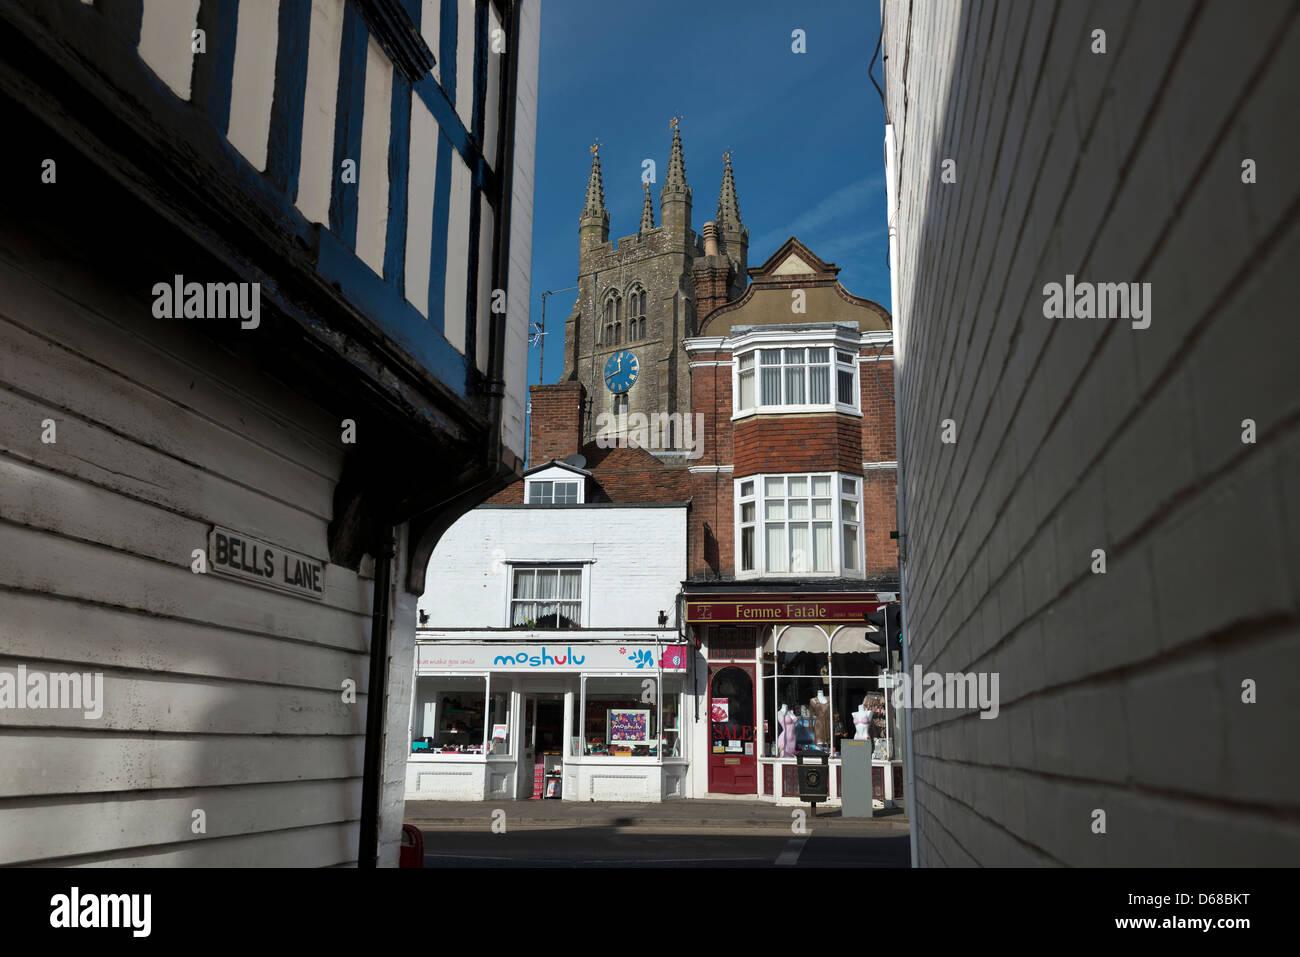 Tenterden High Street, Kent, England - Stock Image